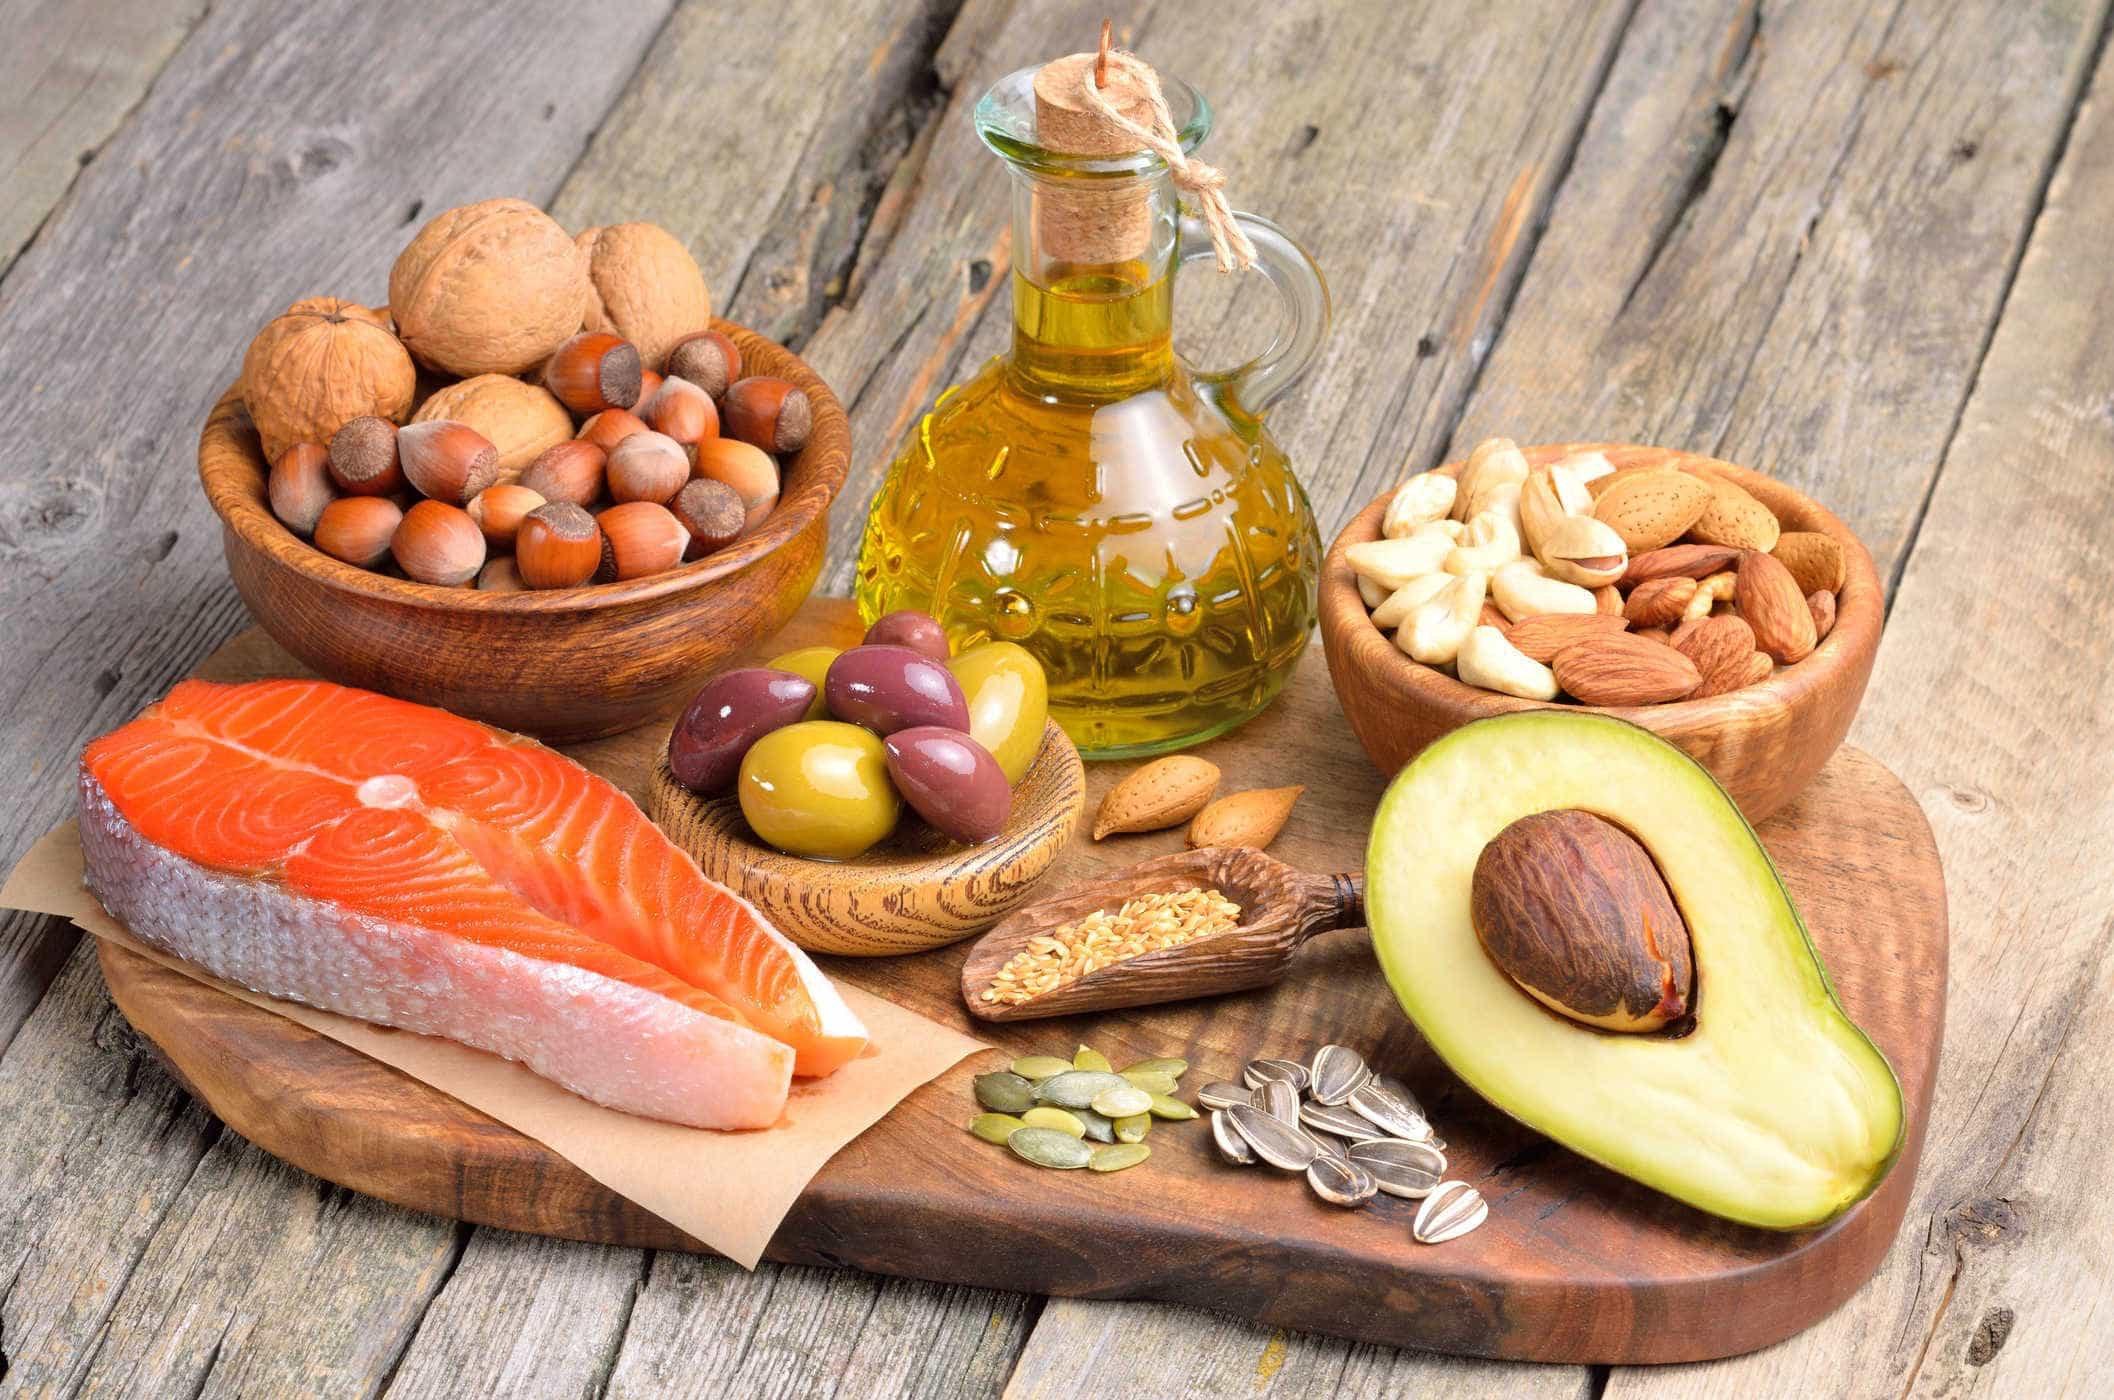 Top 6 loại thực phẩm giàu chất béo có lợi cho người tập gym • Leep.app